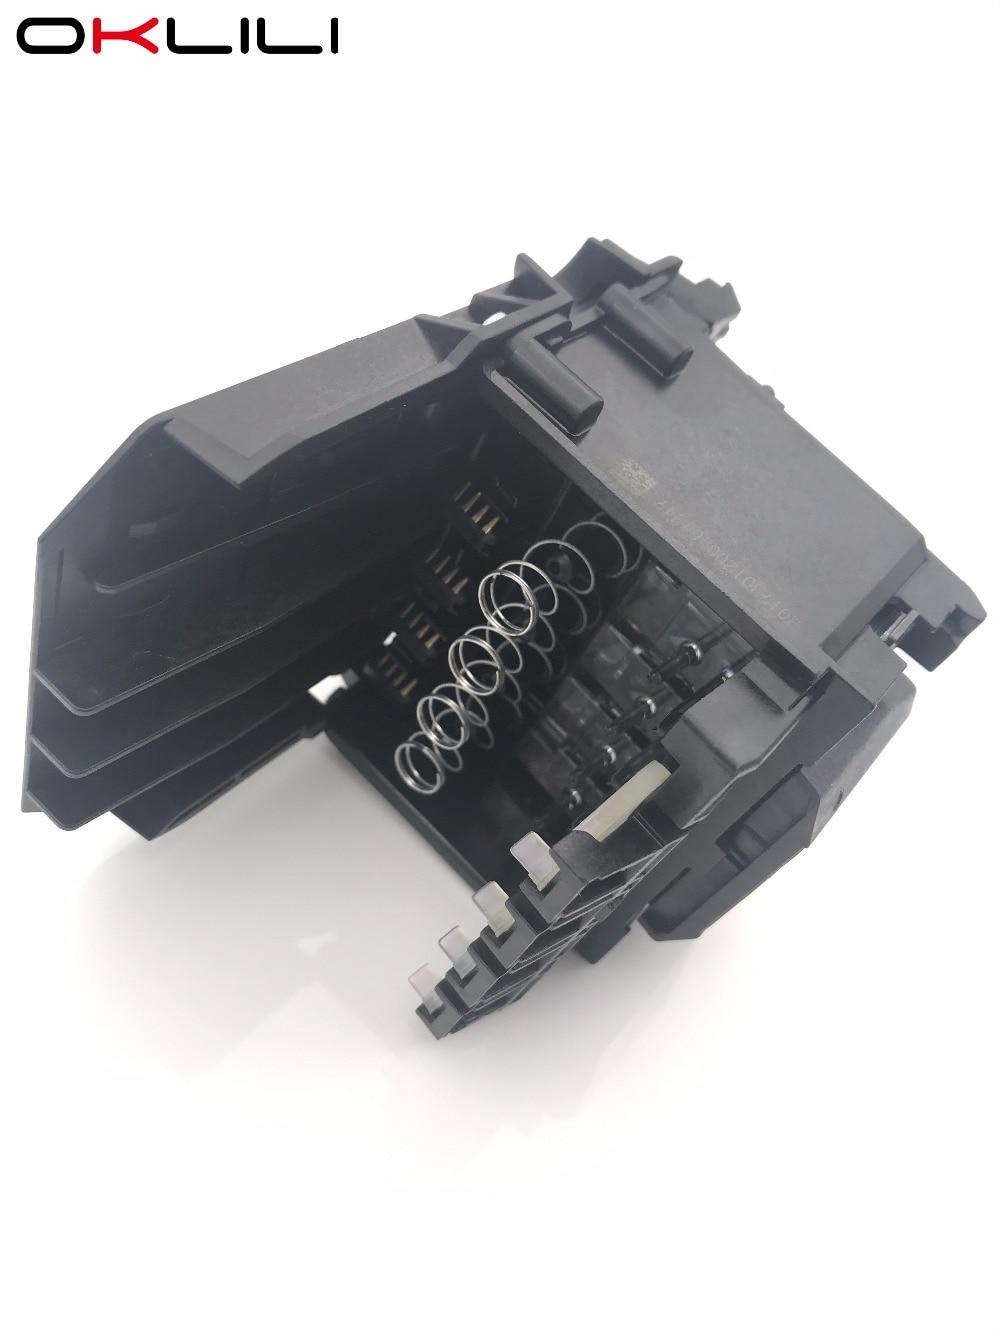 CB863-80013A CB863-80002A 932 933 Cabeça De Impressão cabeça De Impressão da Impressora 932XL 933XL para HP 6100e 6060e 6100 6600 6700 7110 7600 7610 7612